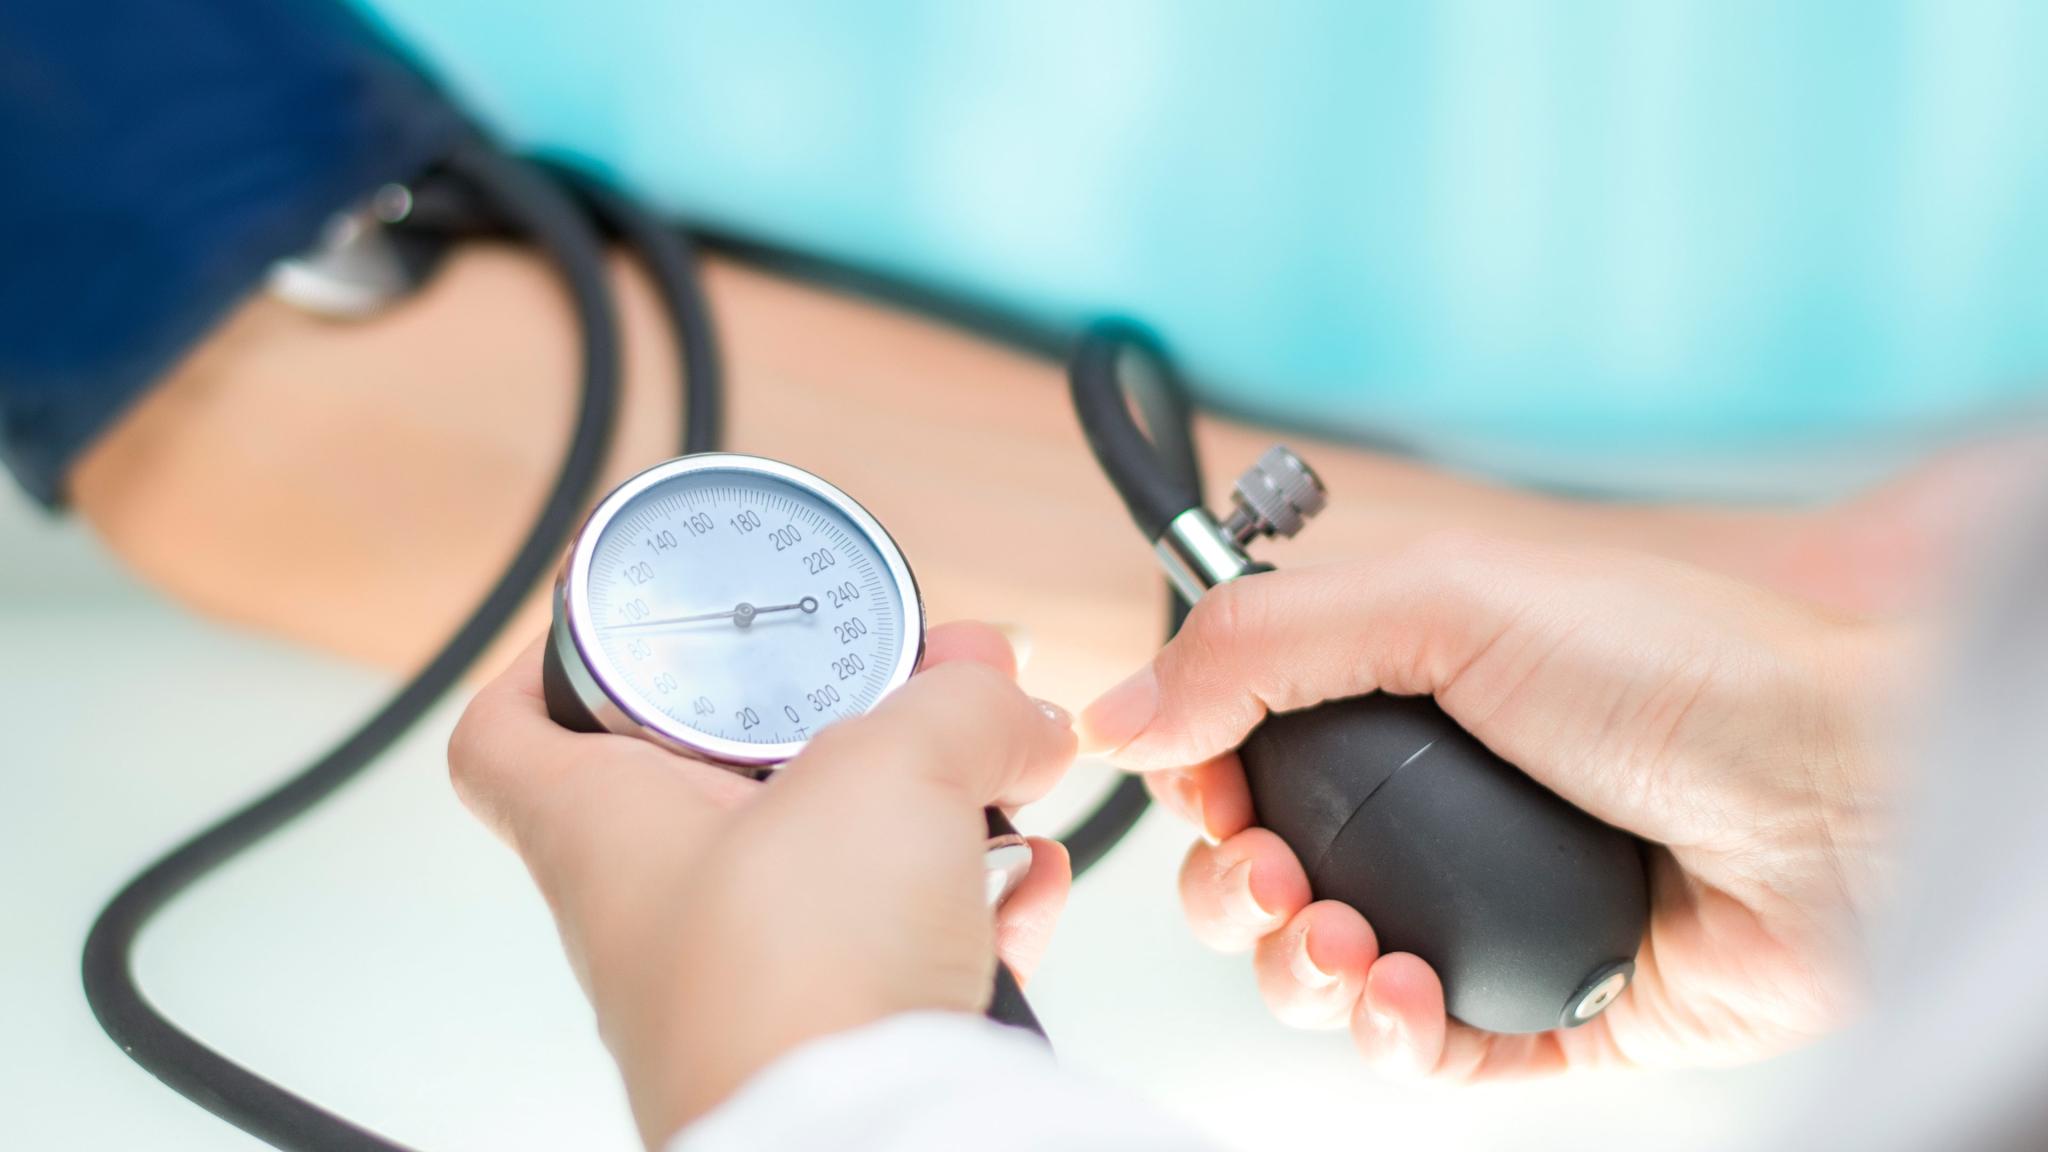 egészséges egészséges magas vérnyomás témakör magas vérnyomás gyógyszeres kezelése időseknél